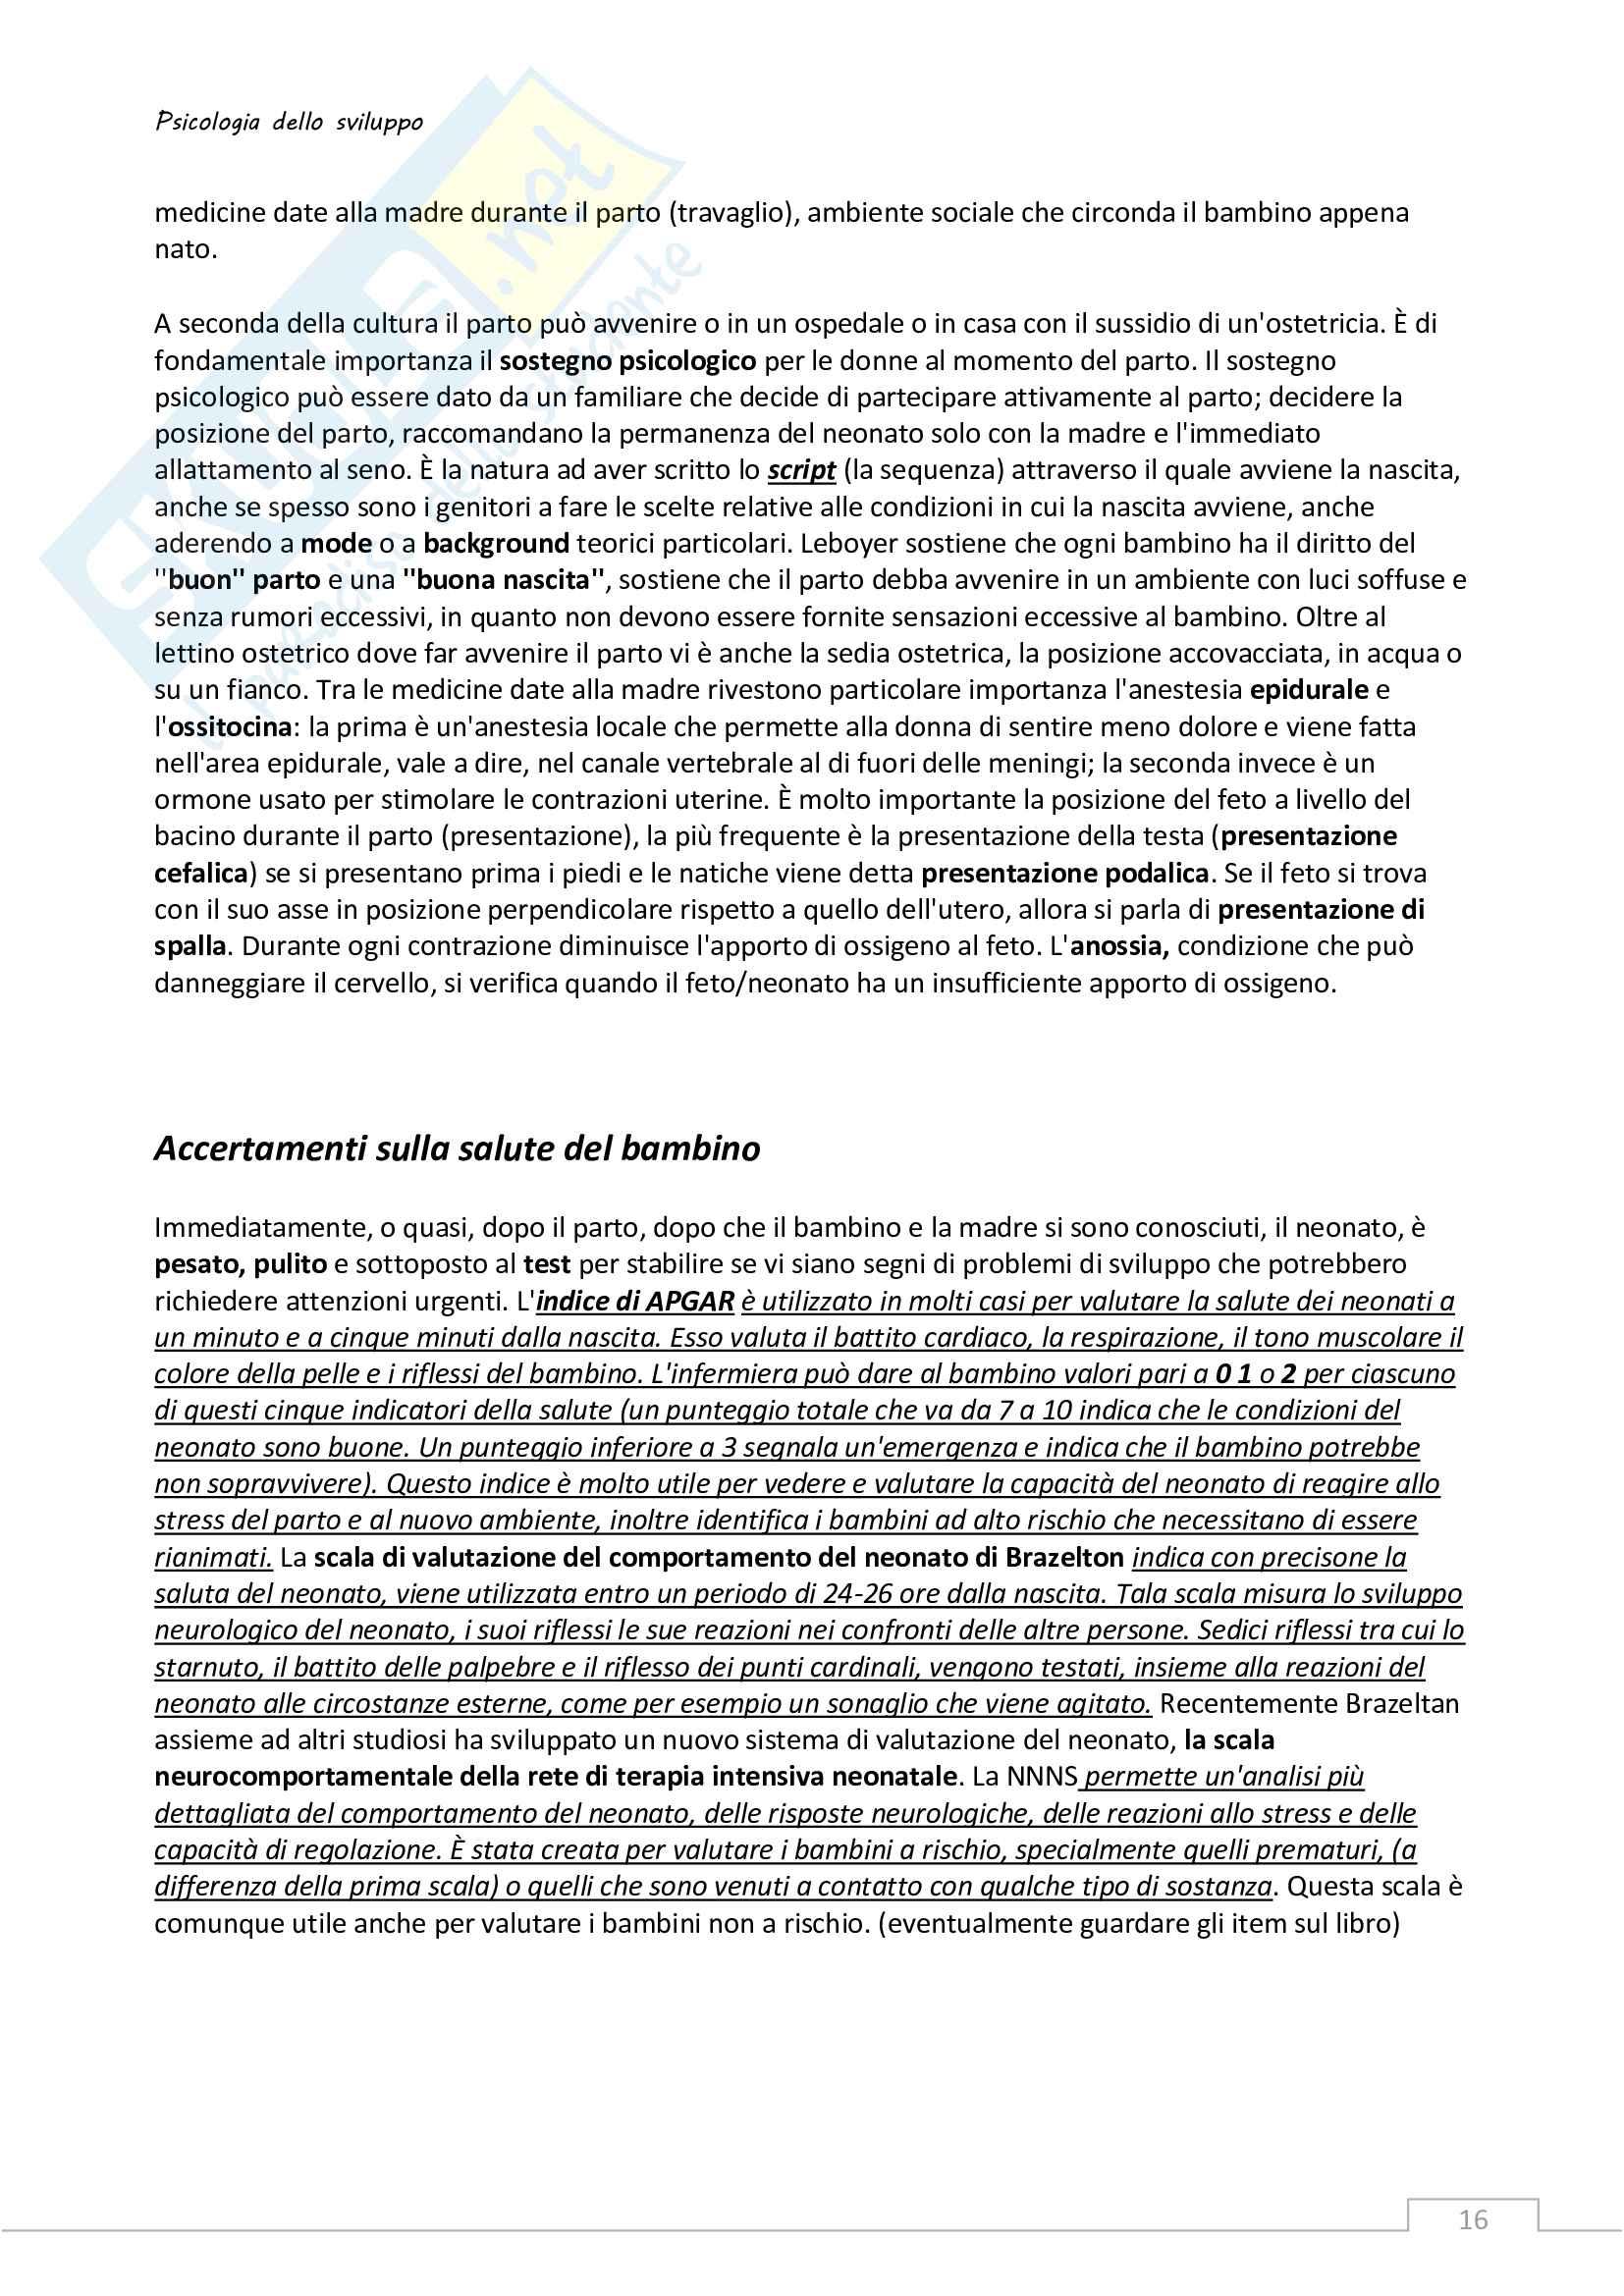 Riassunto esame Psicologia dello sviluppo Pag. 16